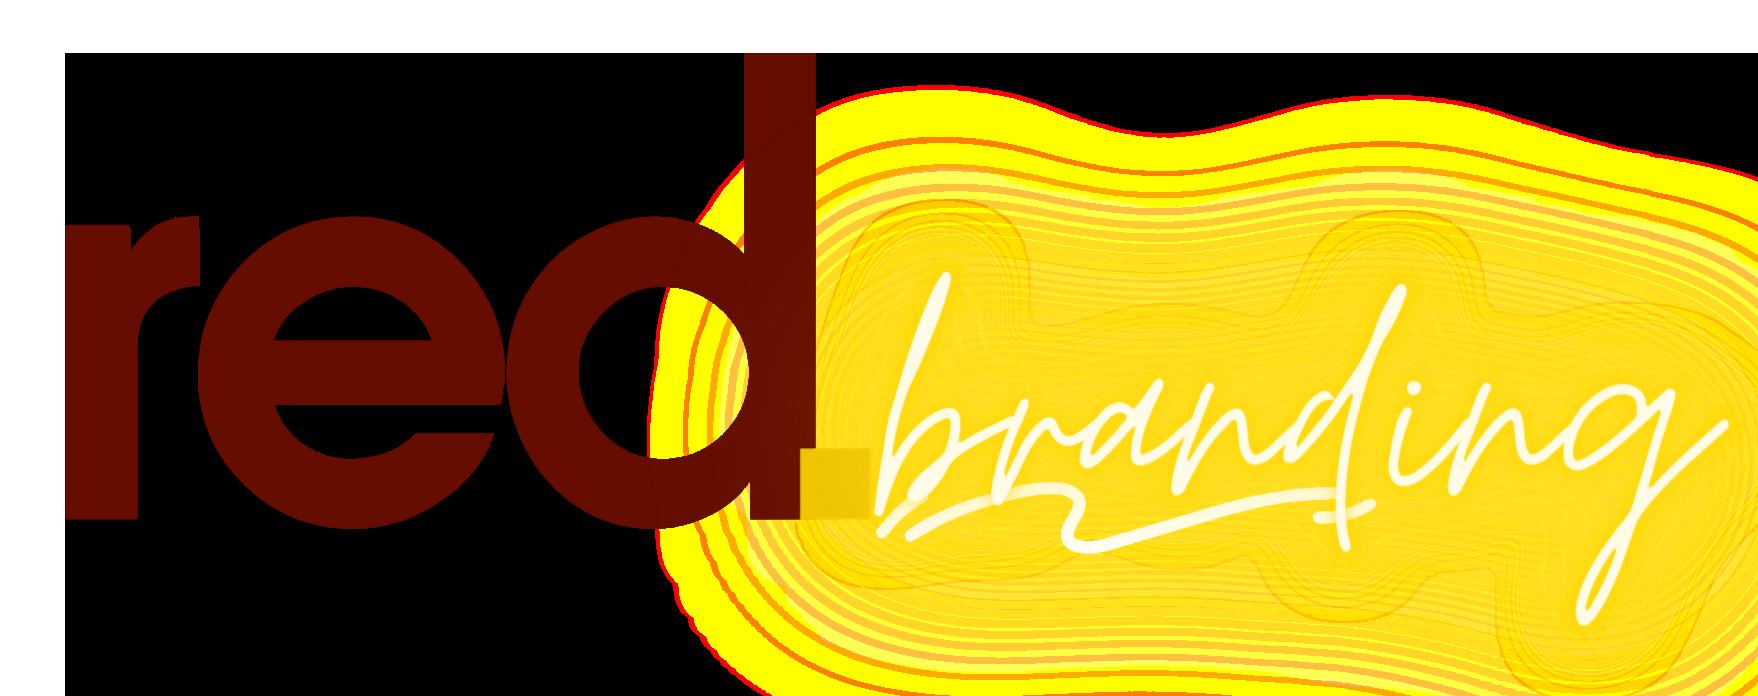 Red.branding